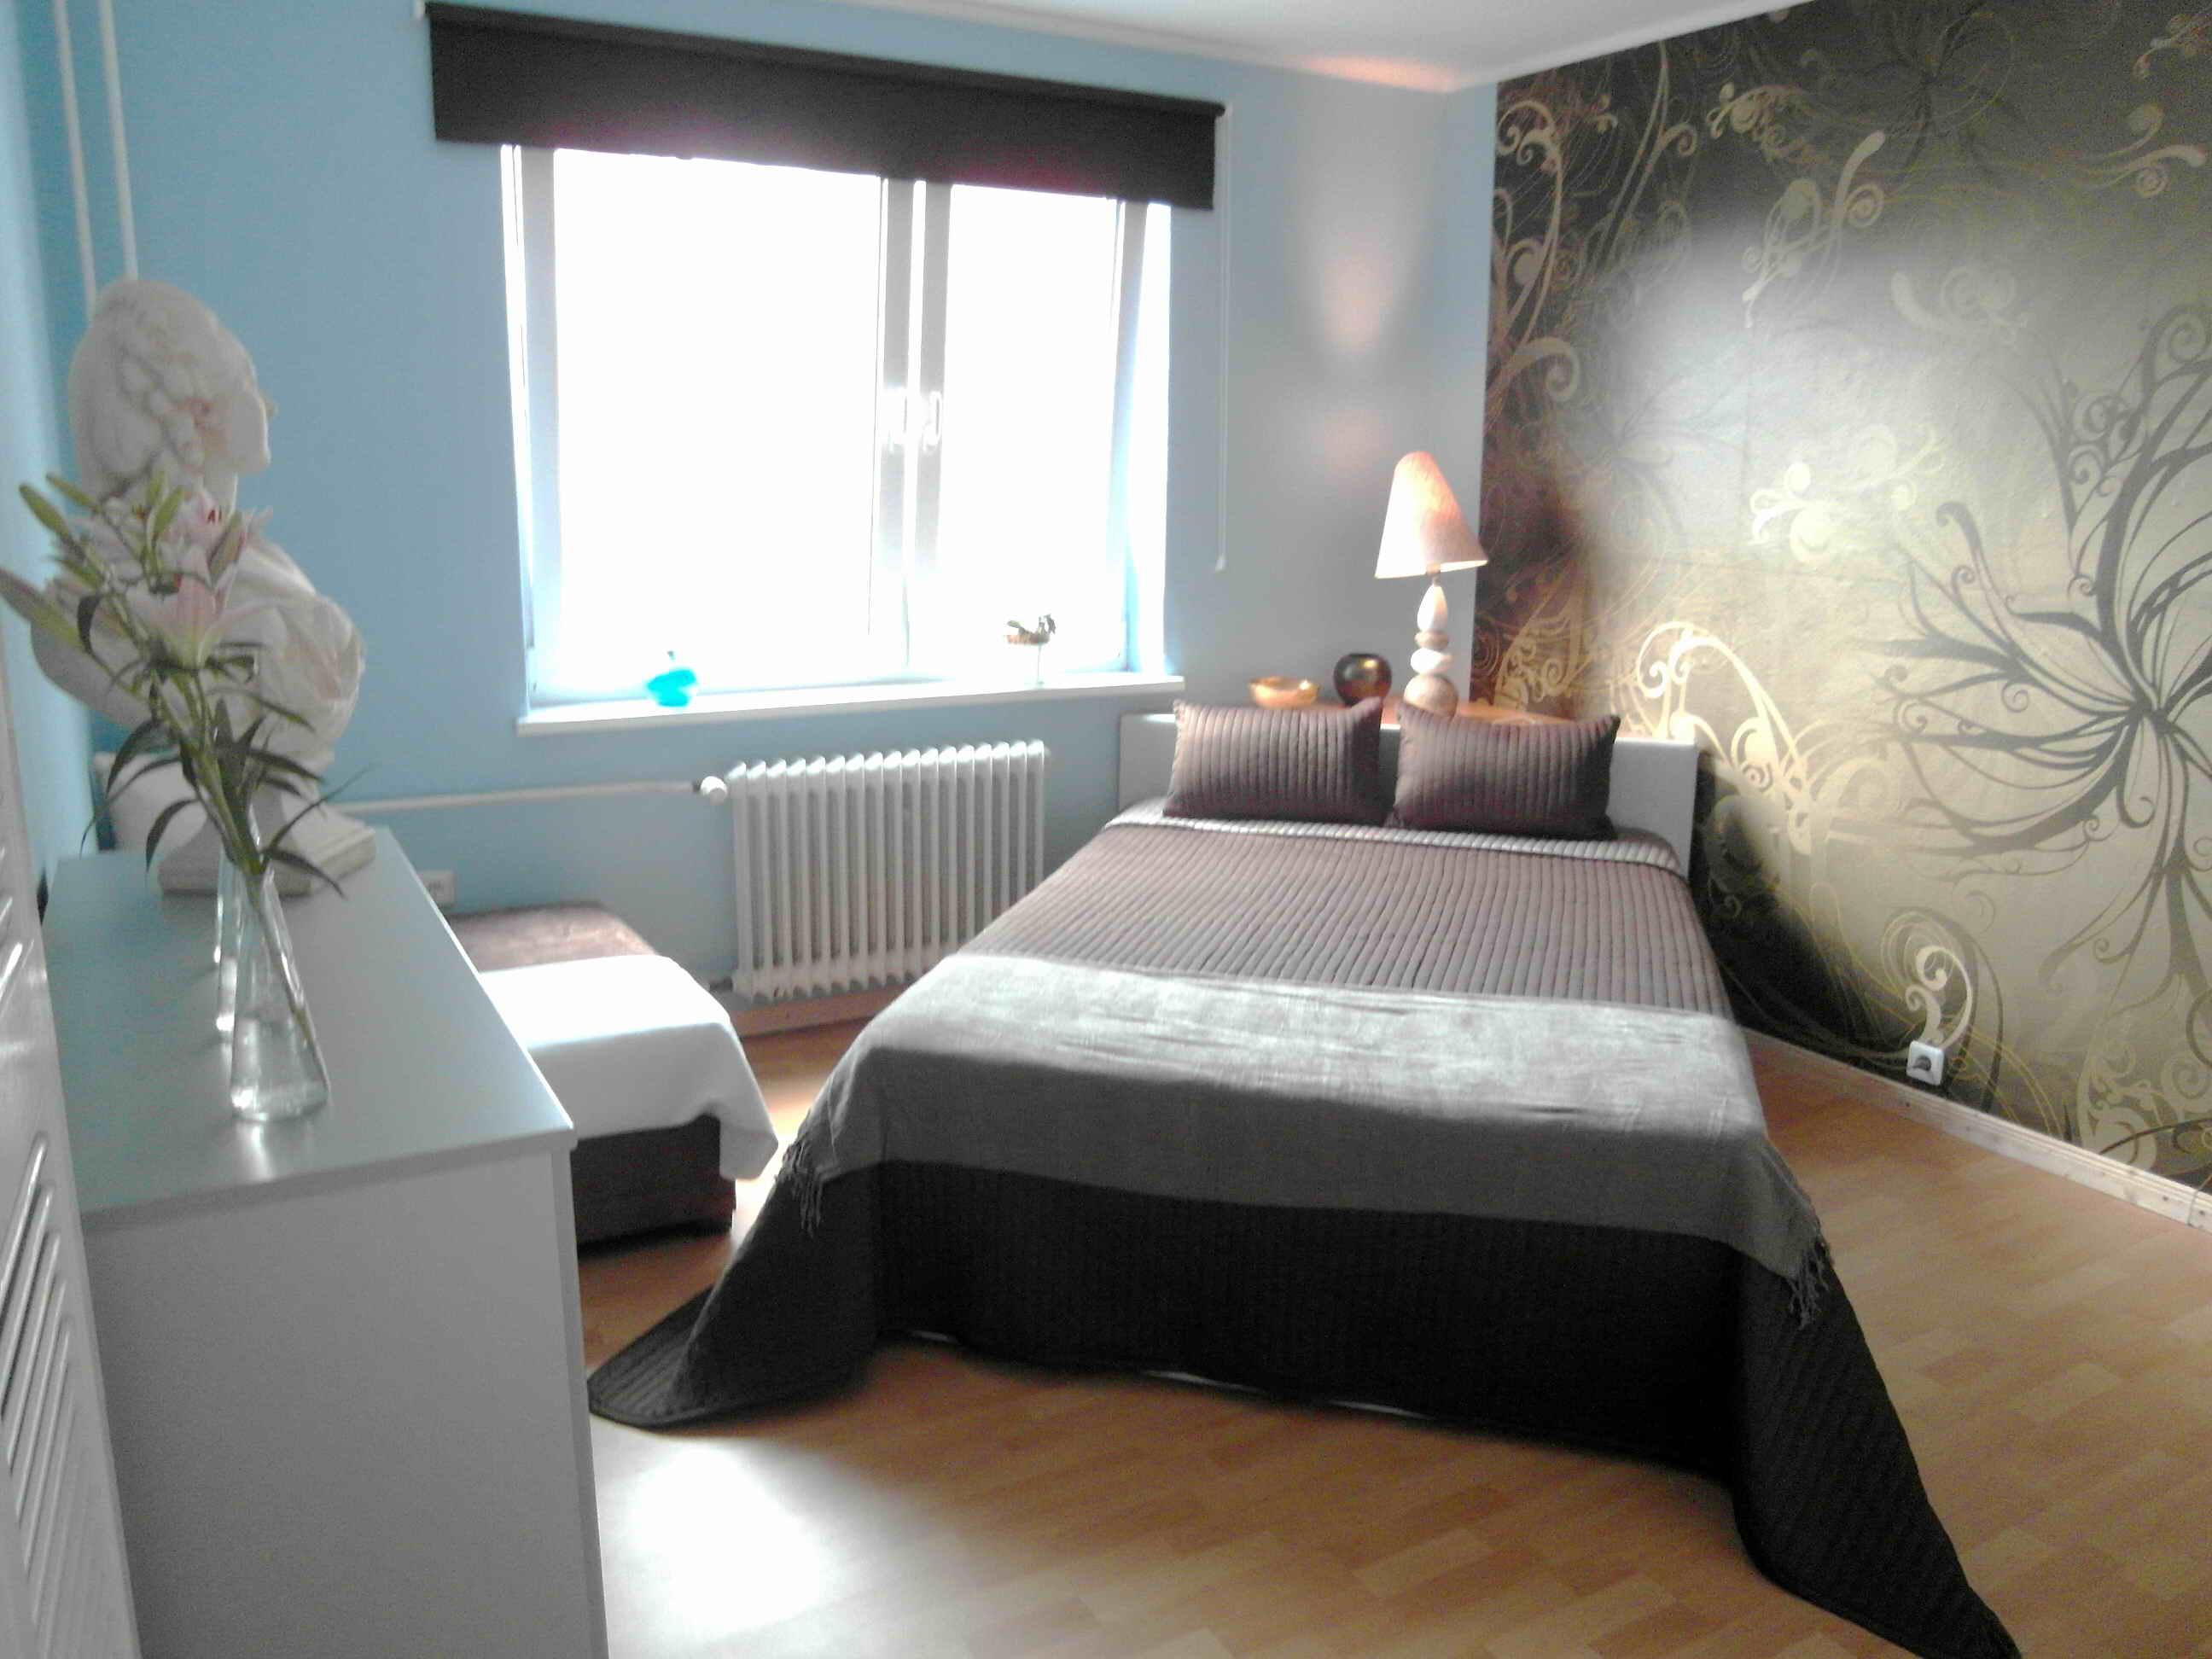 Schlafzimmer In Ruhigen Farben #bett #tapetenmuster #blauewandfarbe  #grüntapete ©artenstein